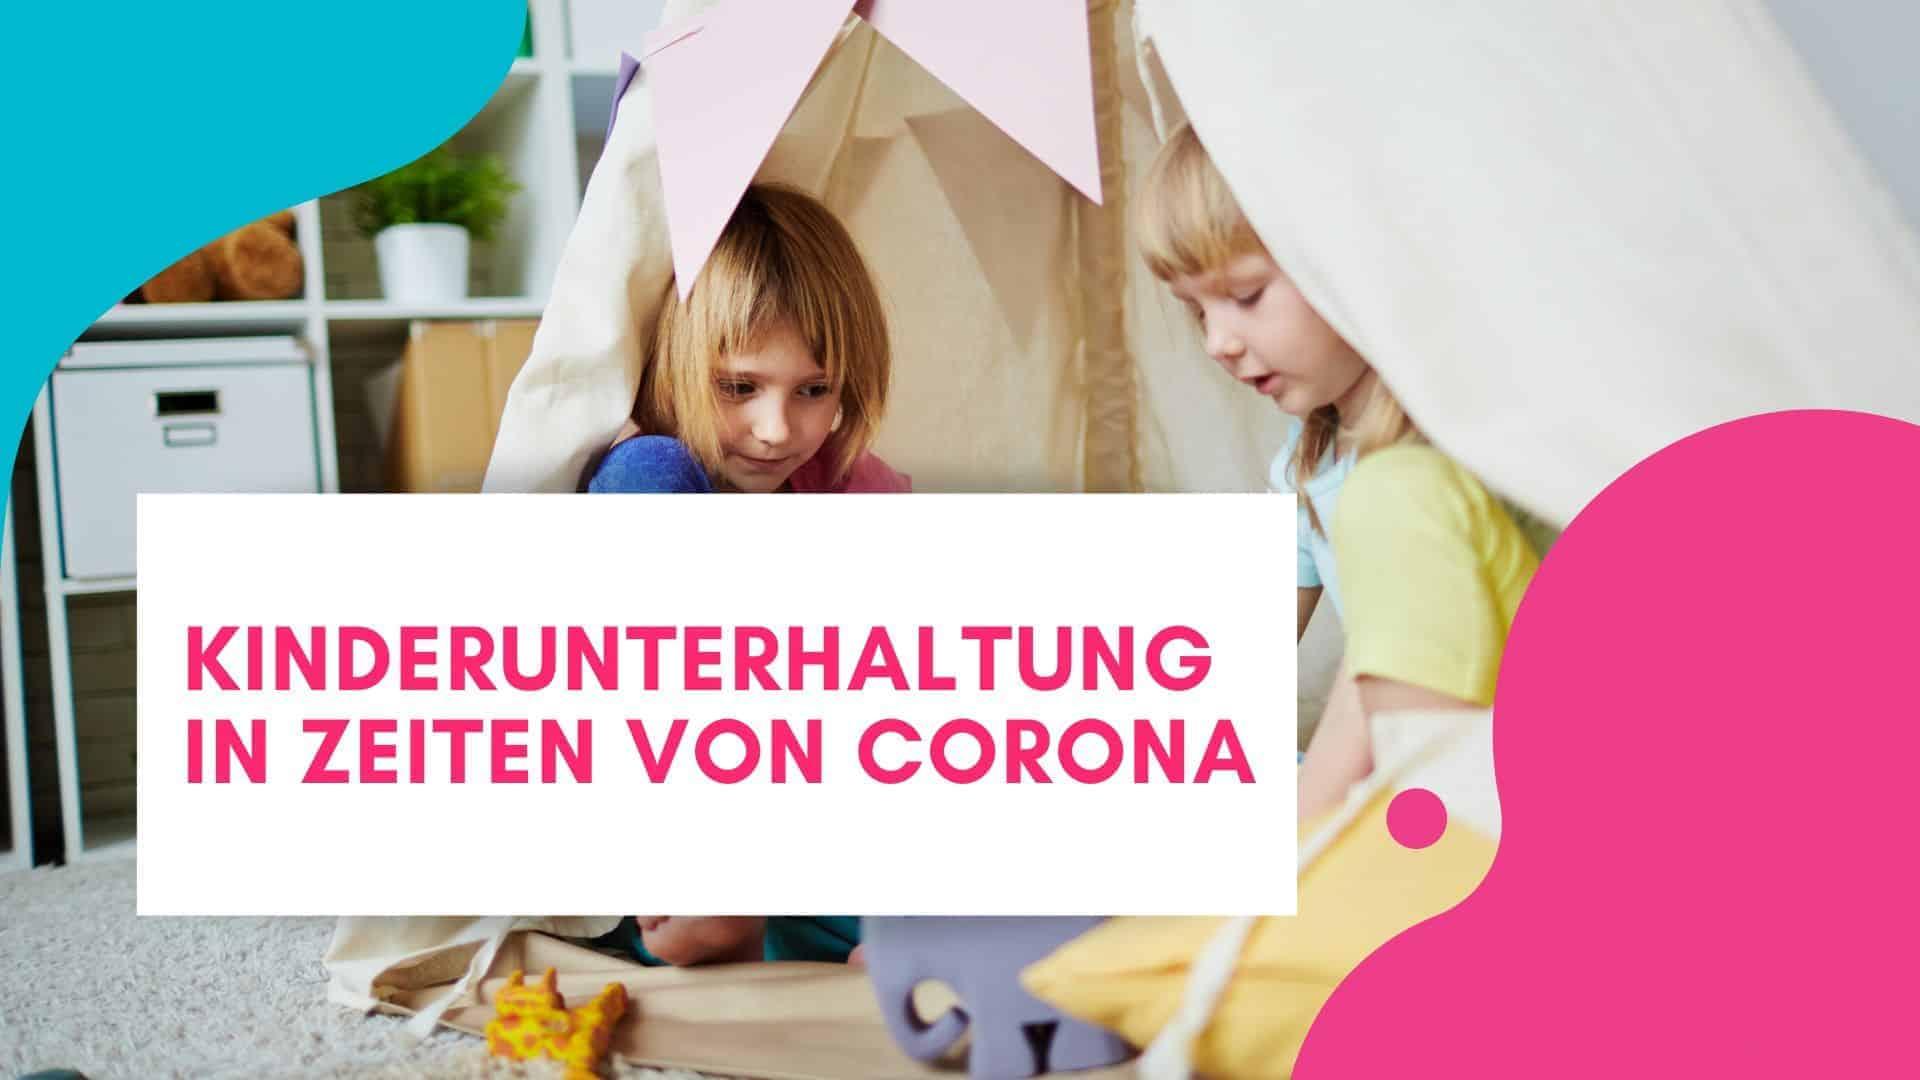 Kinderunterhaltung in Zeiten von Corona